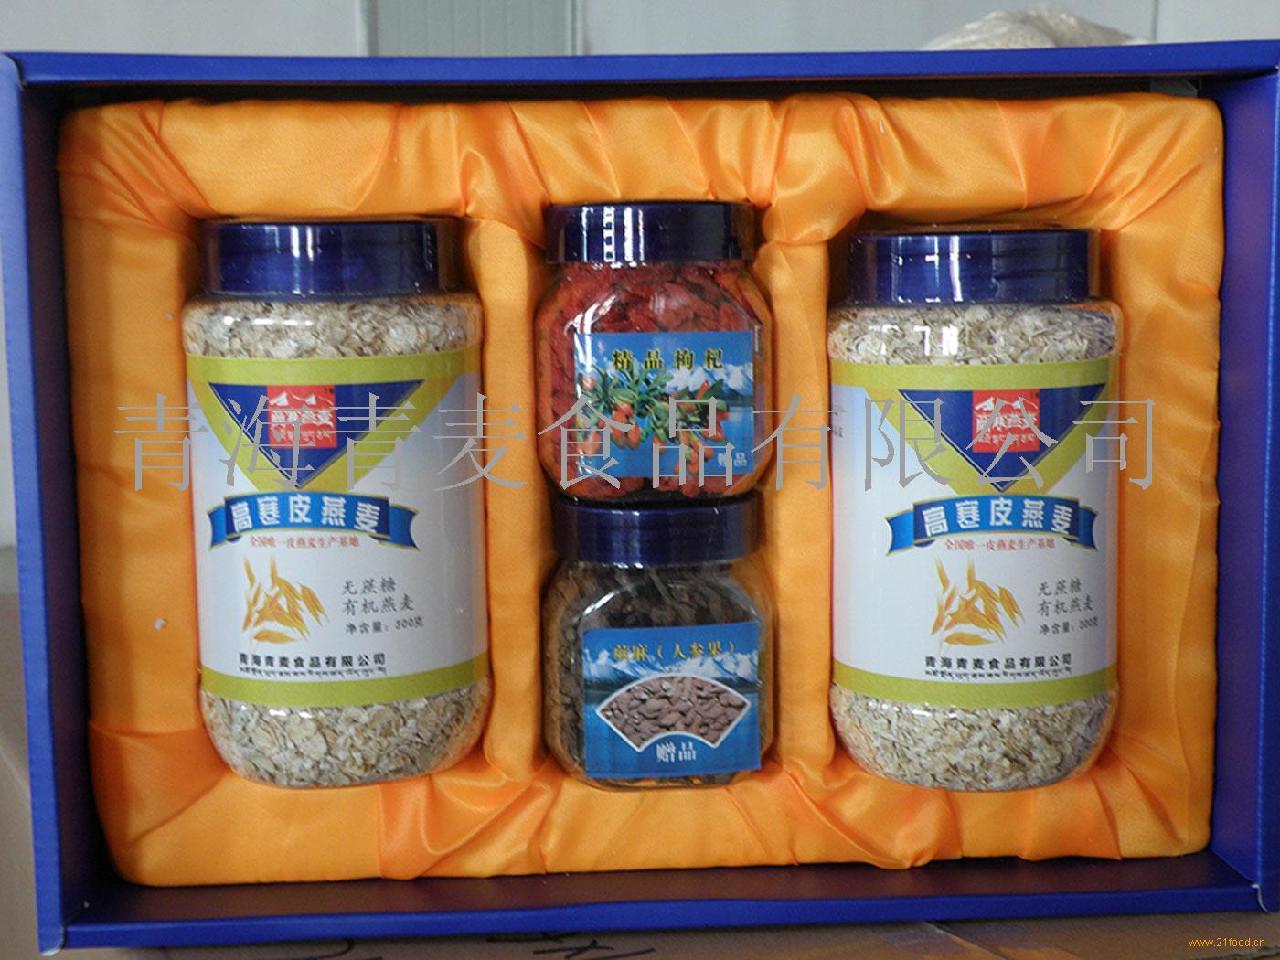 高寒 皮燕麦片 有机礼盒